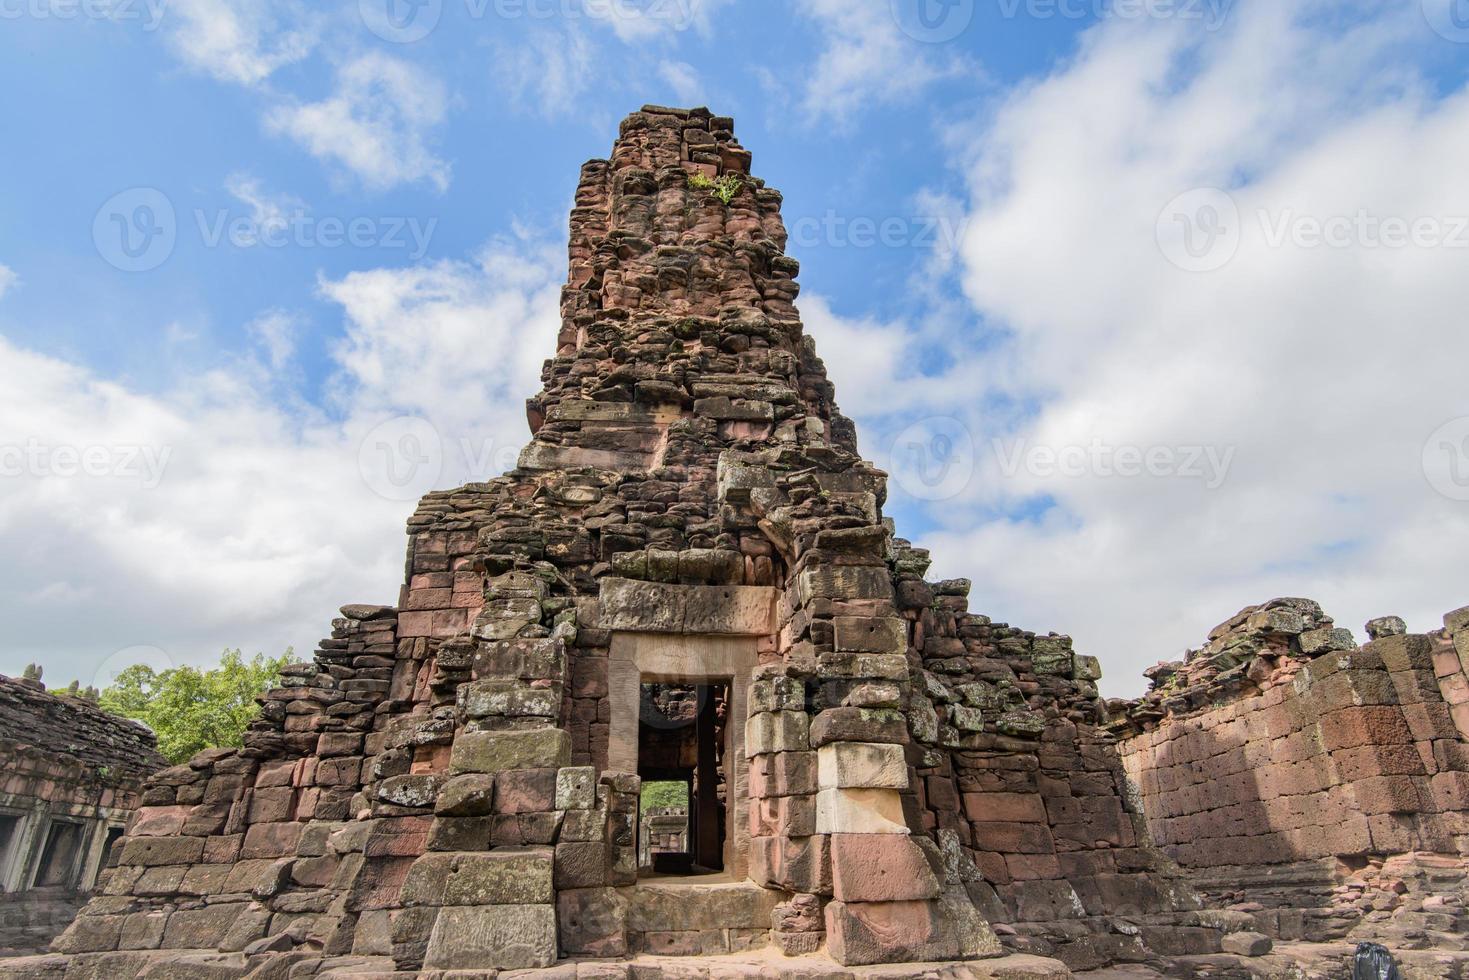 templi e cultura asiatici del parco storico antico foto